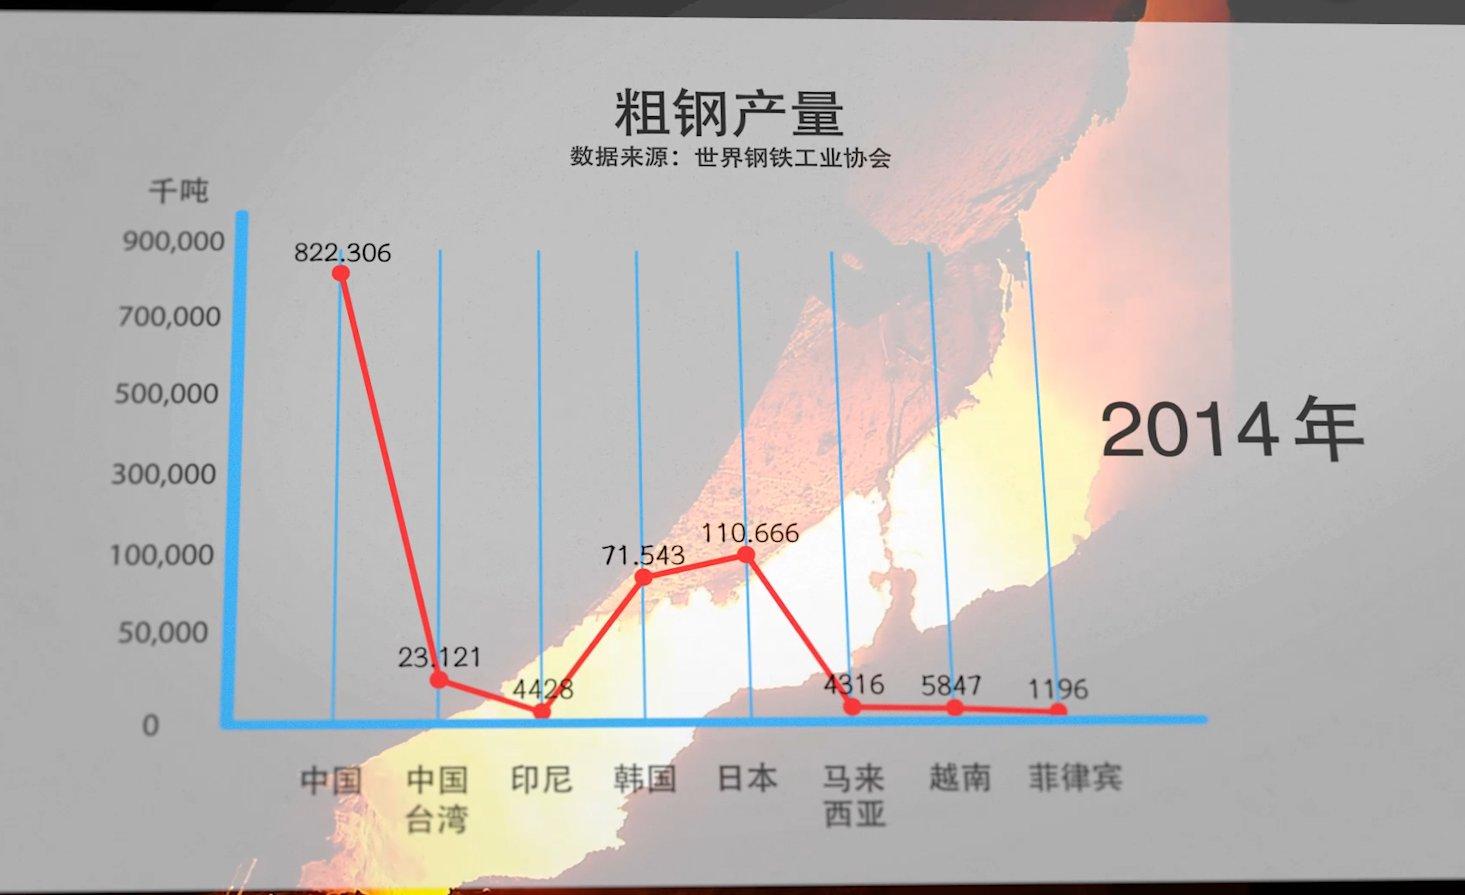 亚洲地区粗钢产量